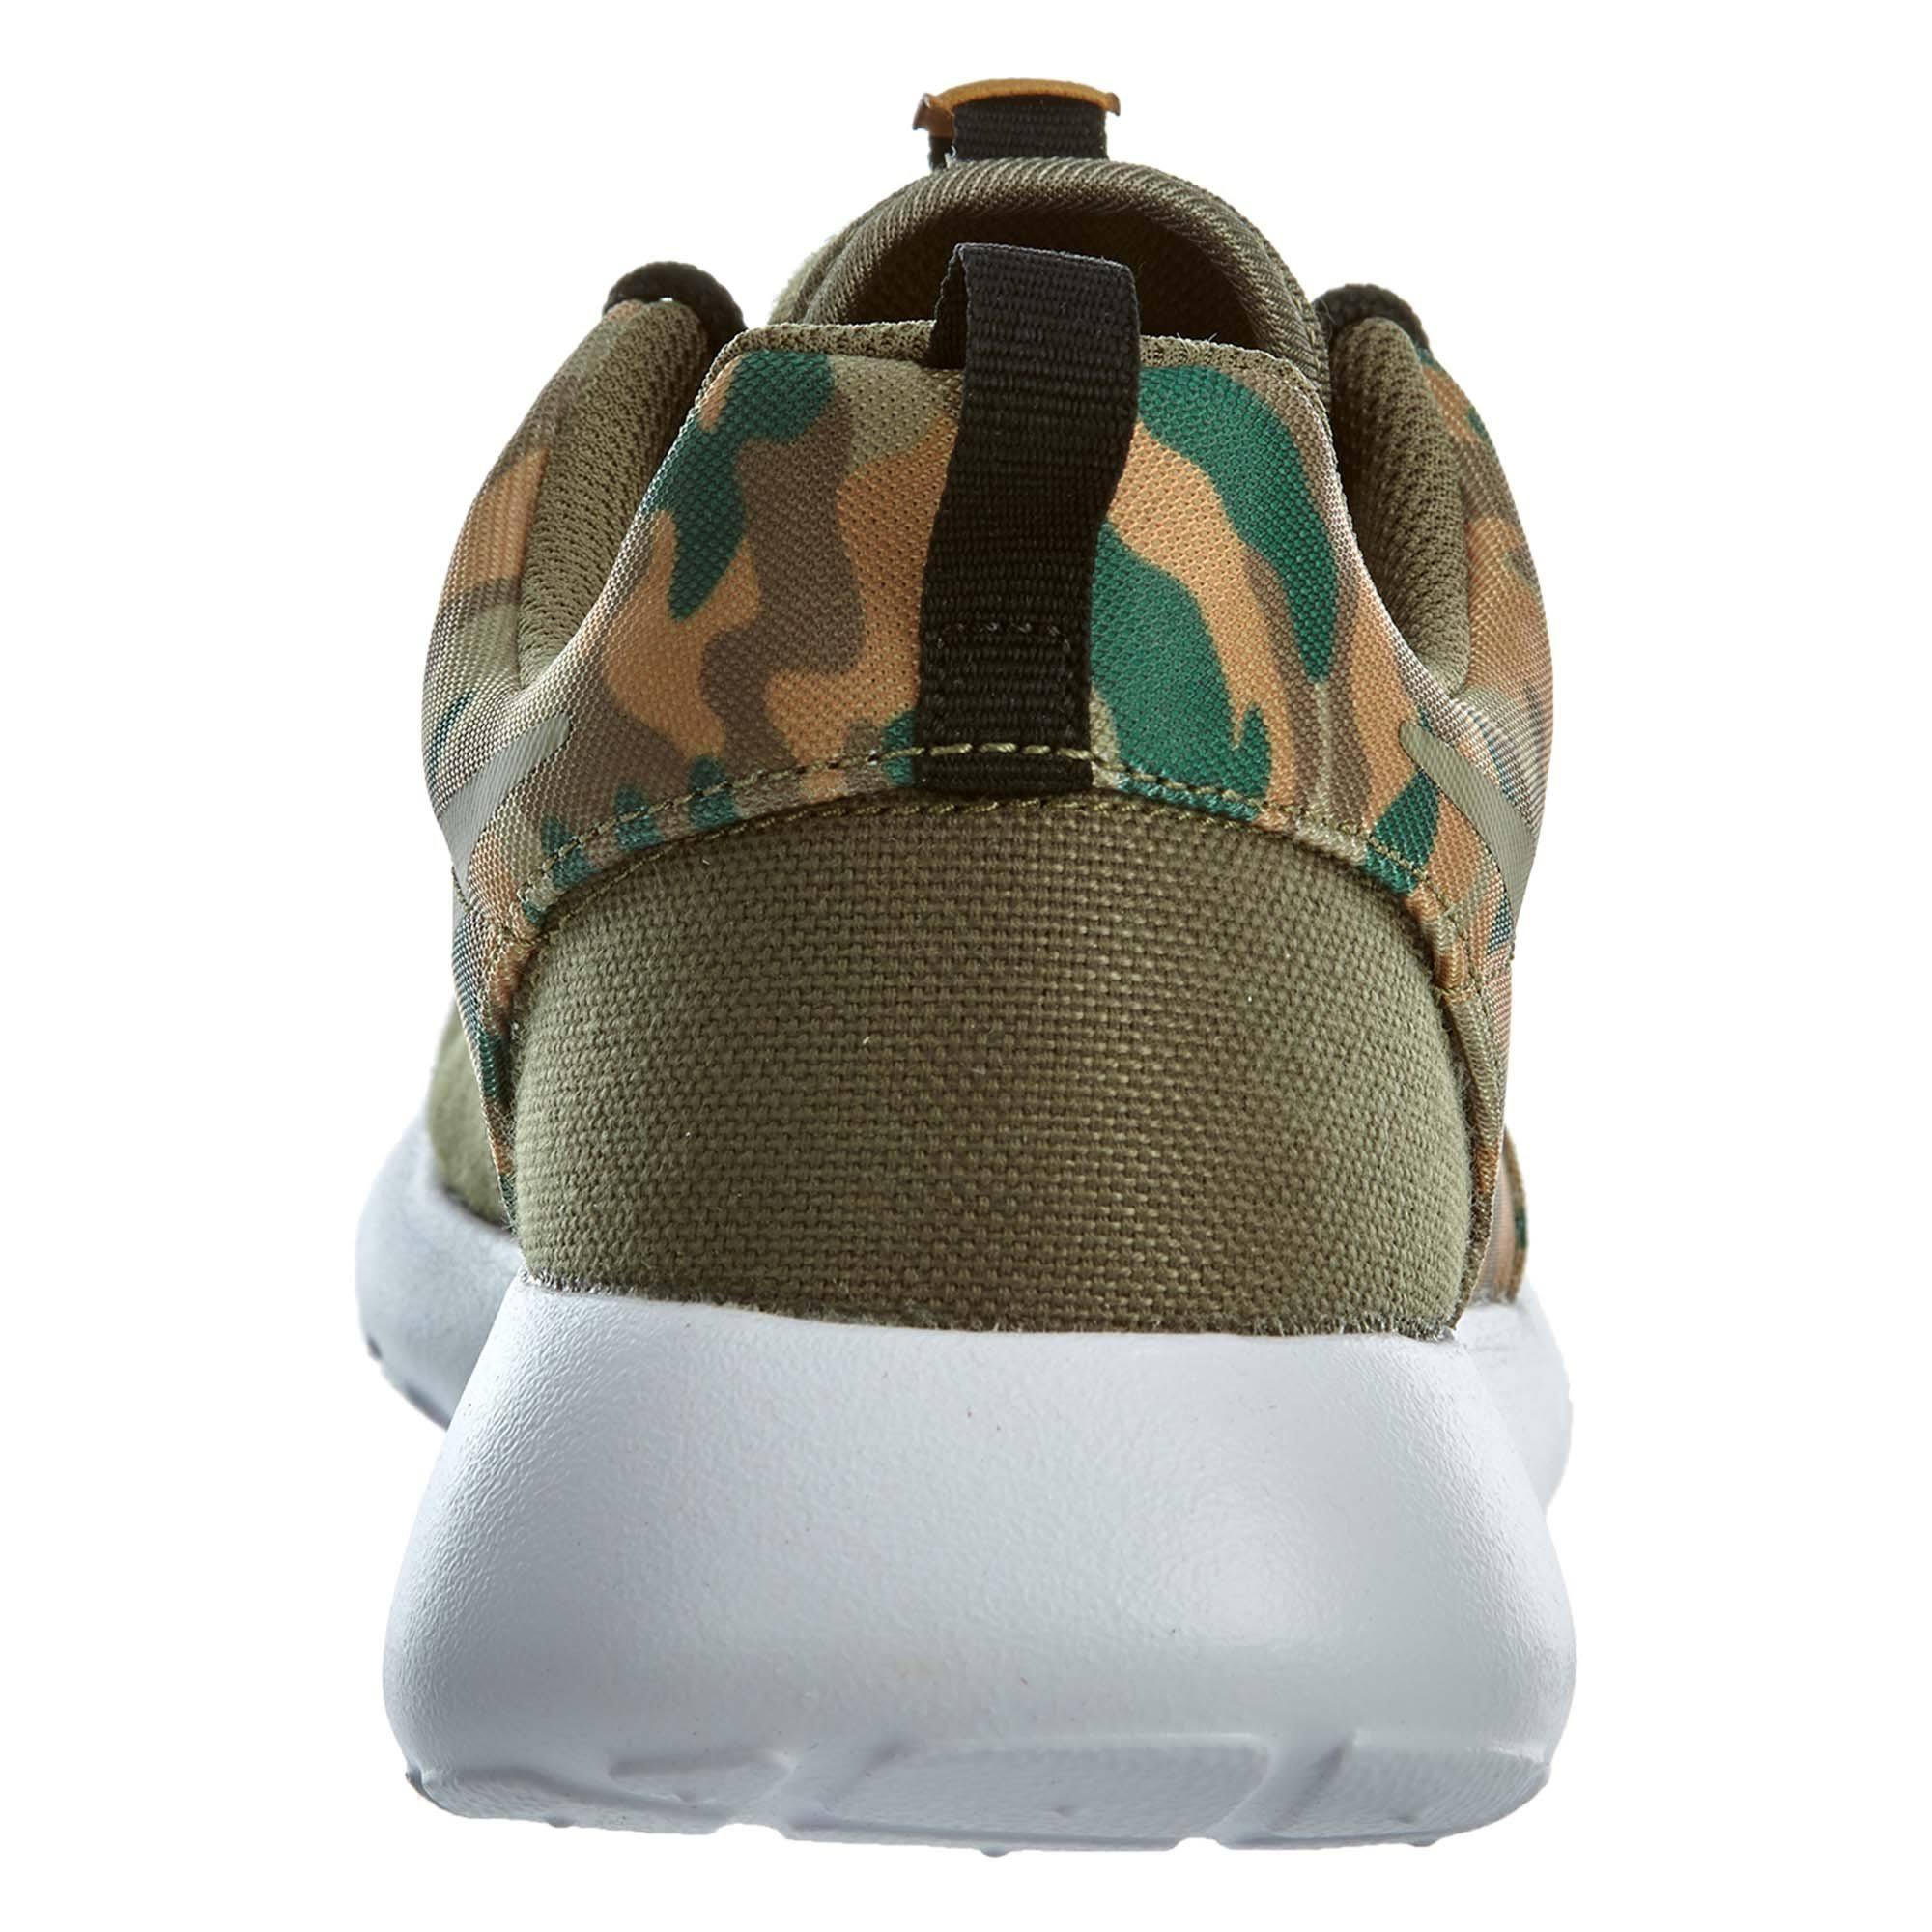 844687 Medium 200 Mens Se Nike Style One Olive Roshe wAvWqHS